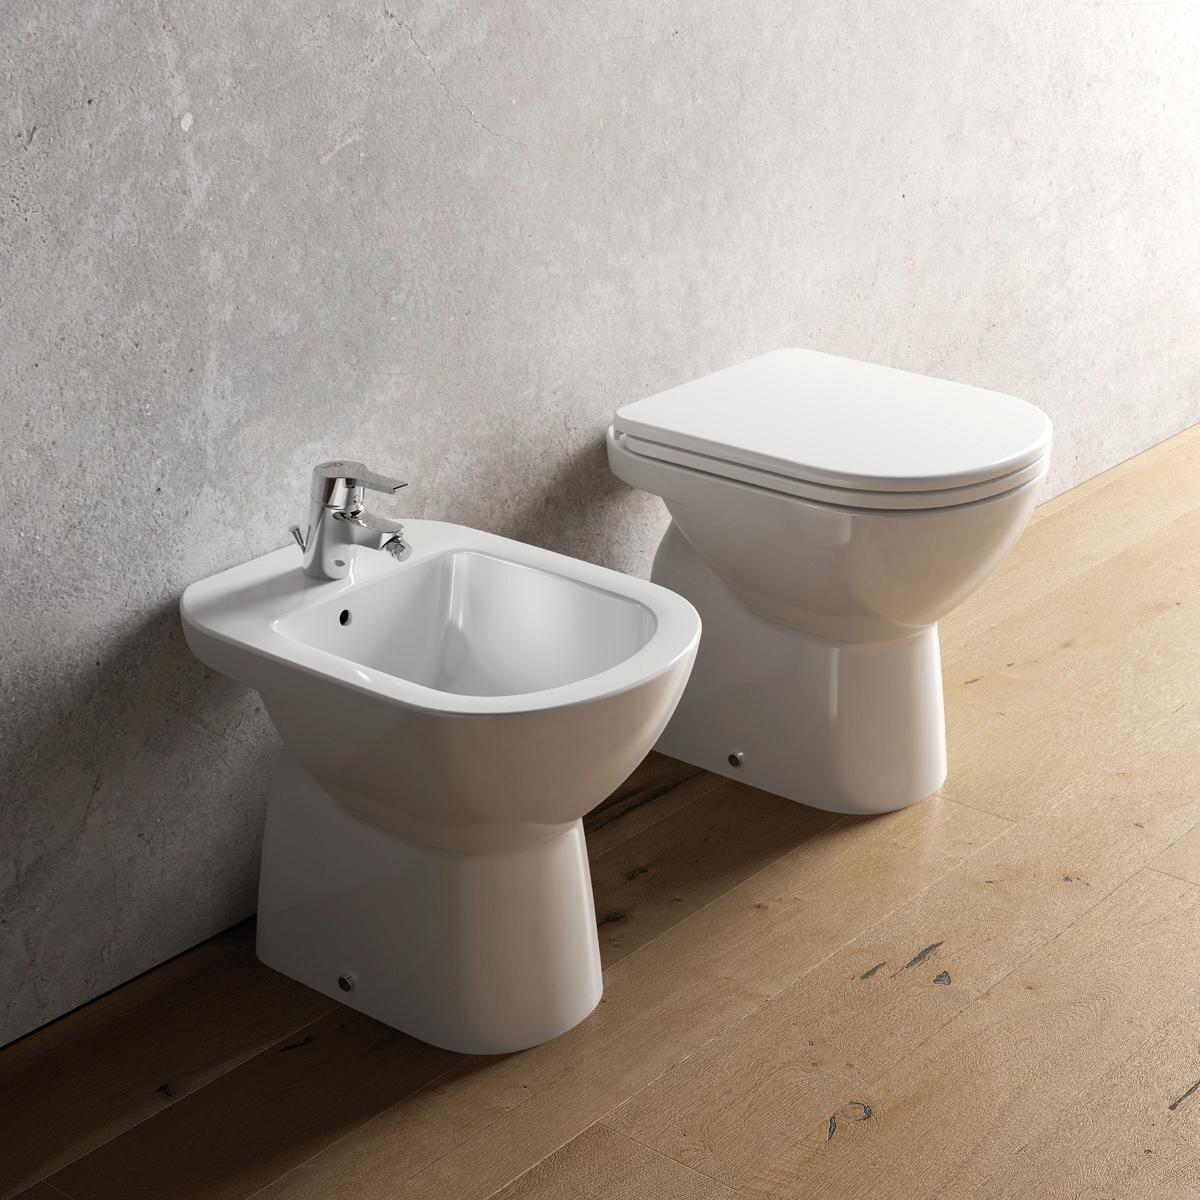 Vaso wc a pavimento suite IDEAL STANDARD - 3